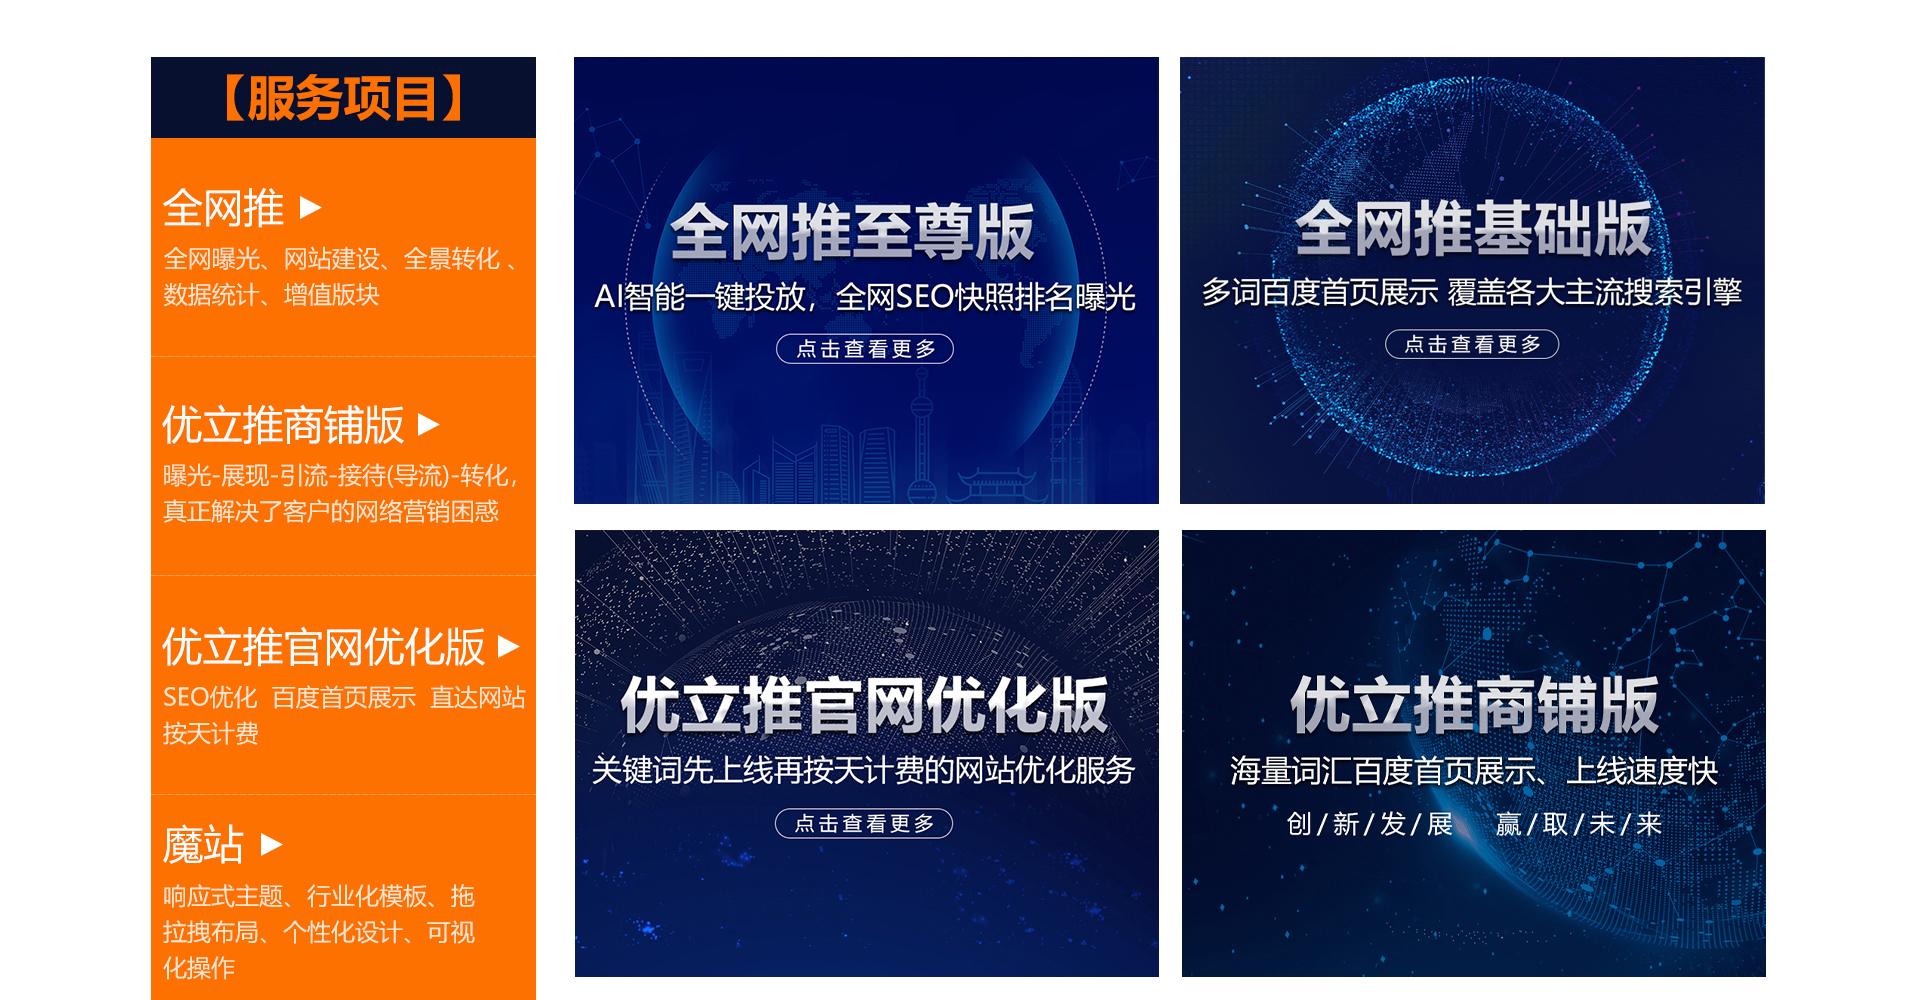 山东全网推网络科技有限公司服务项目